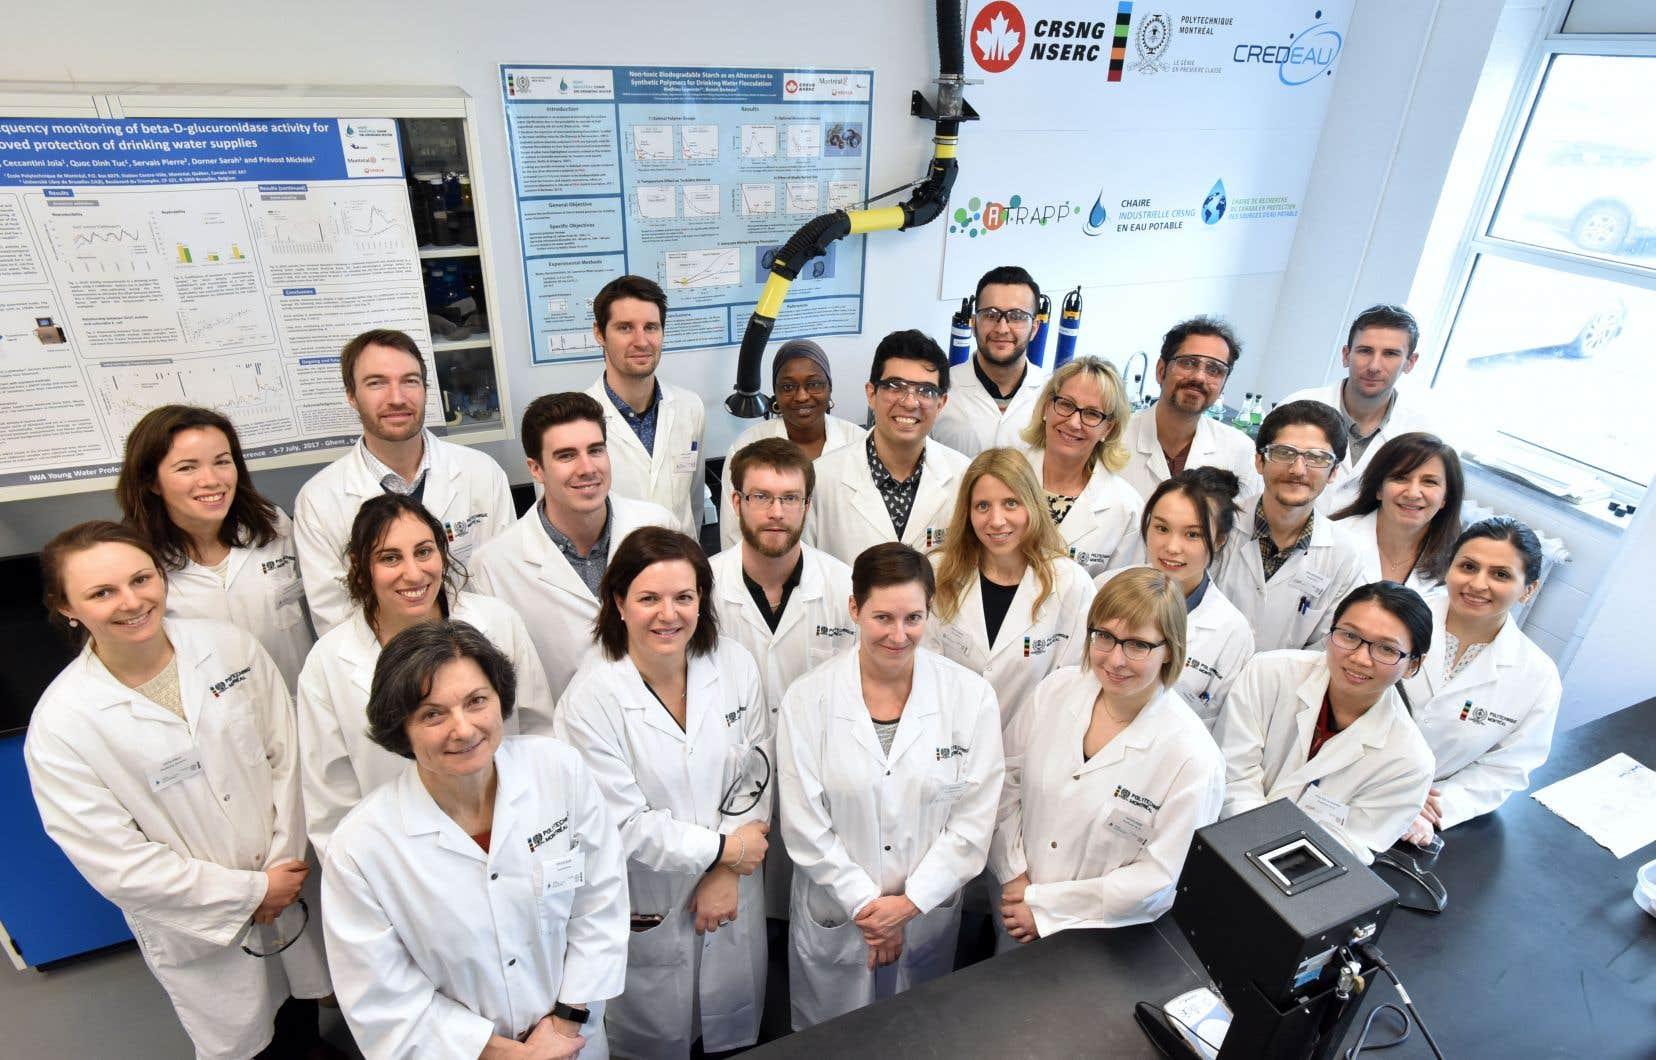 Michèle Prévost (3e en partant à droite de la 3e rangée) dans son laboratoire entourée de ses étudiants